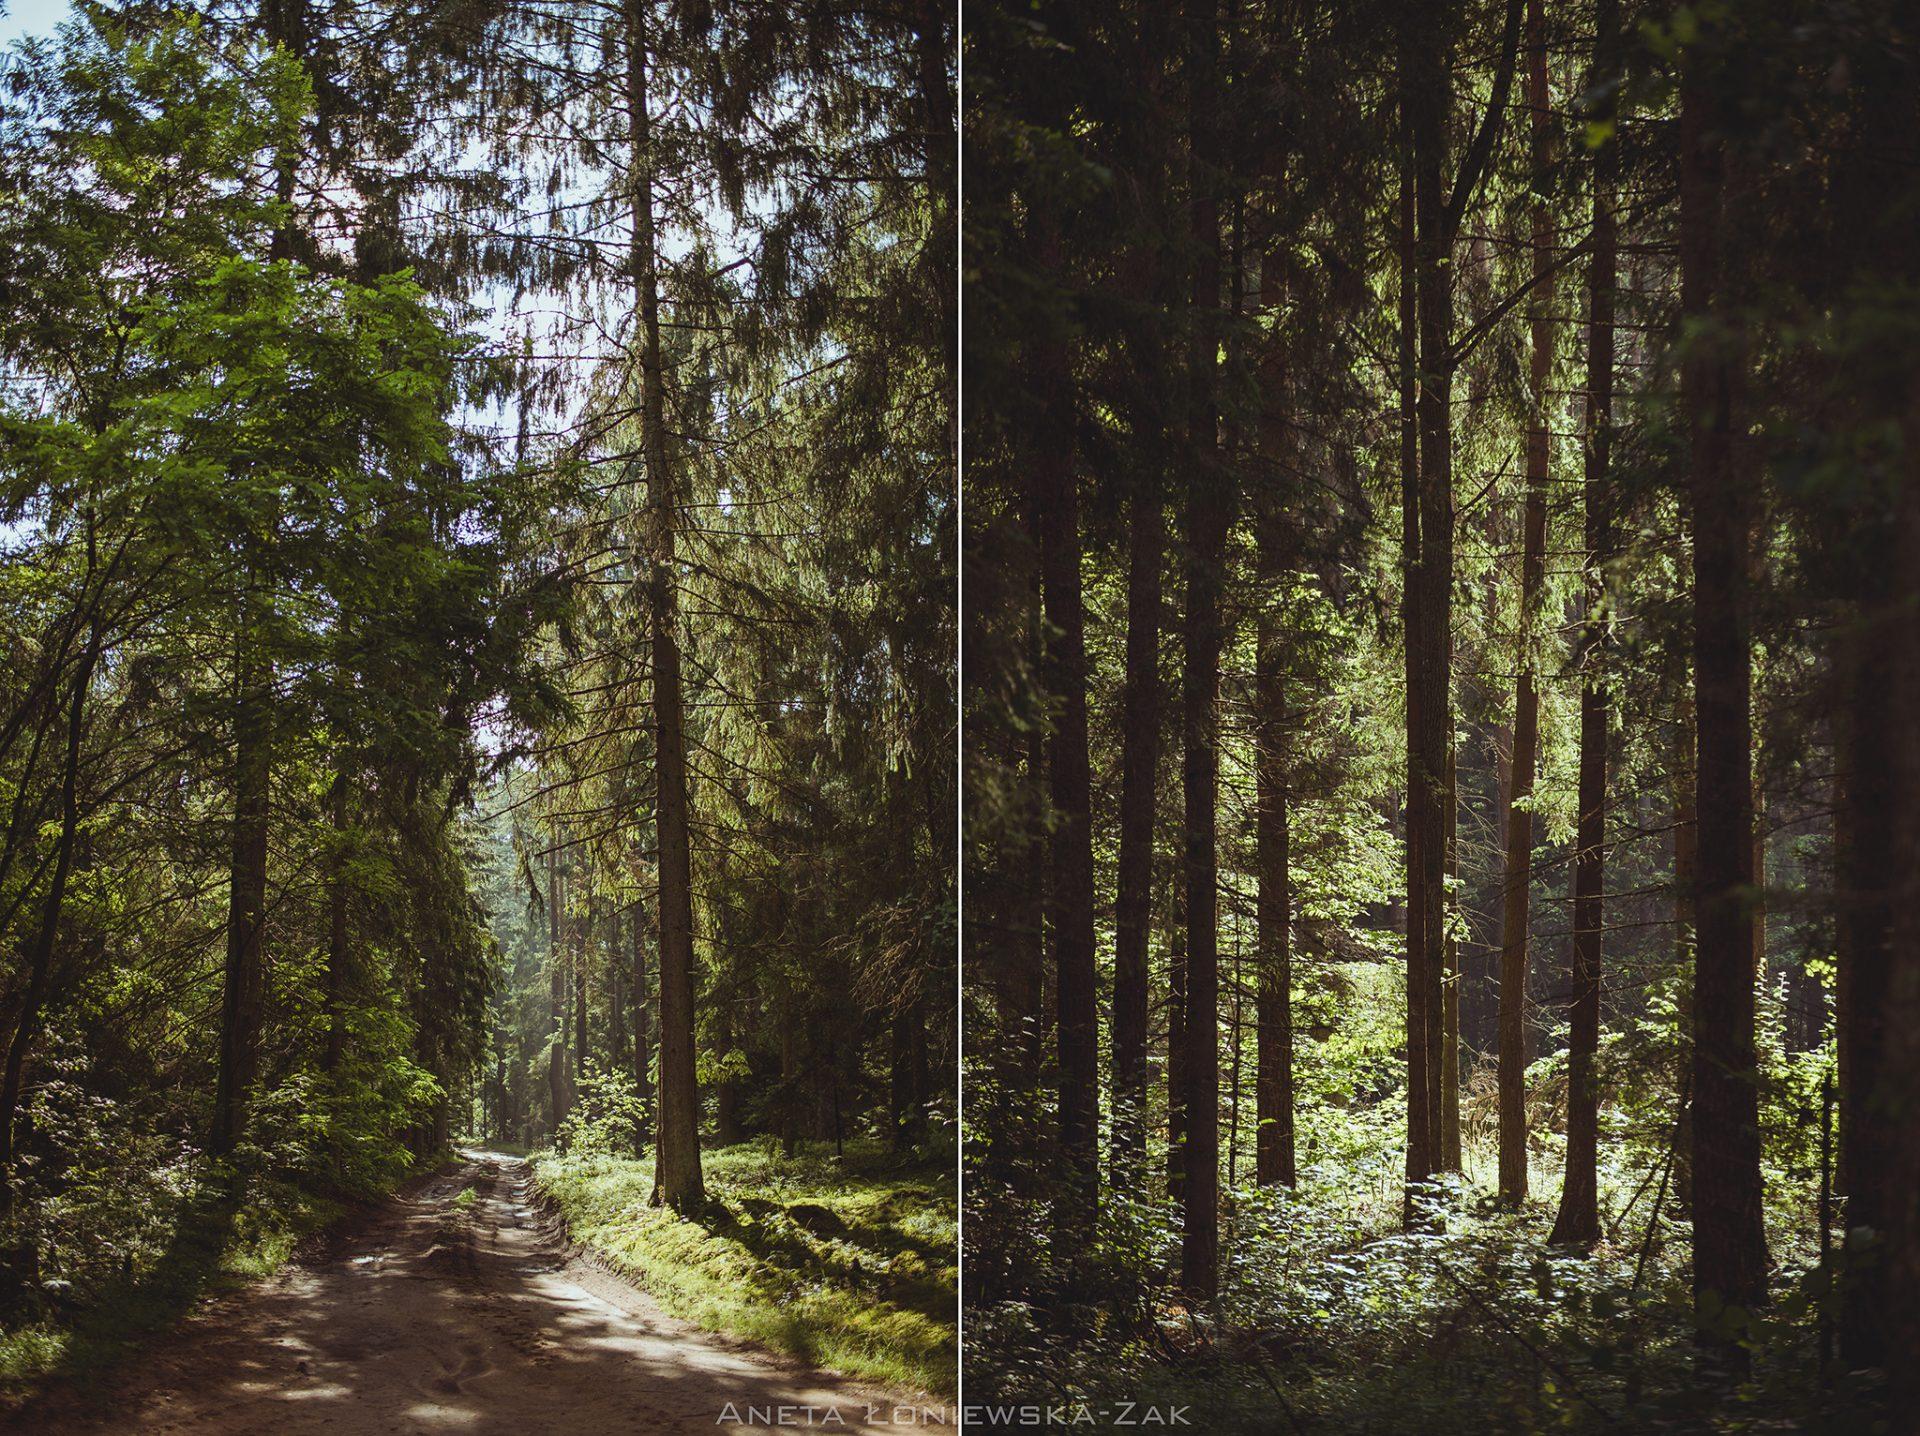 fotografia przyrodnicza, puszcza knyszyńska, podlasie lasy państwowe